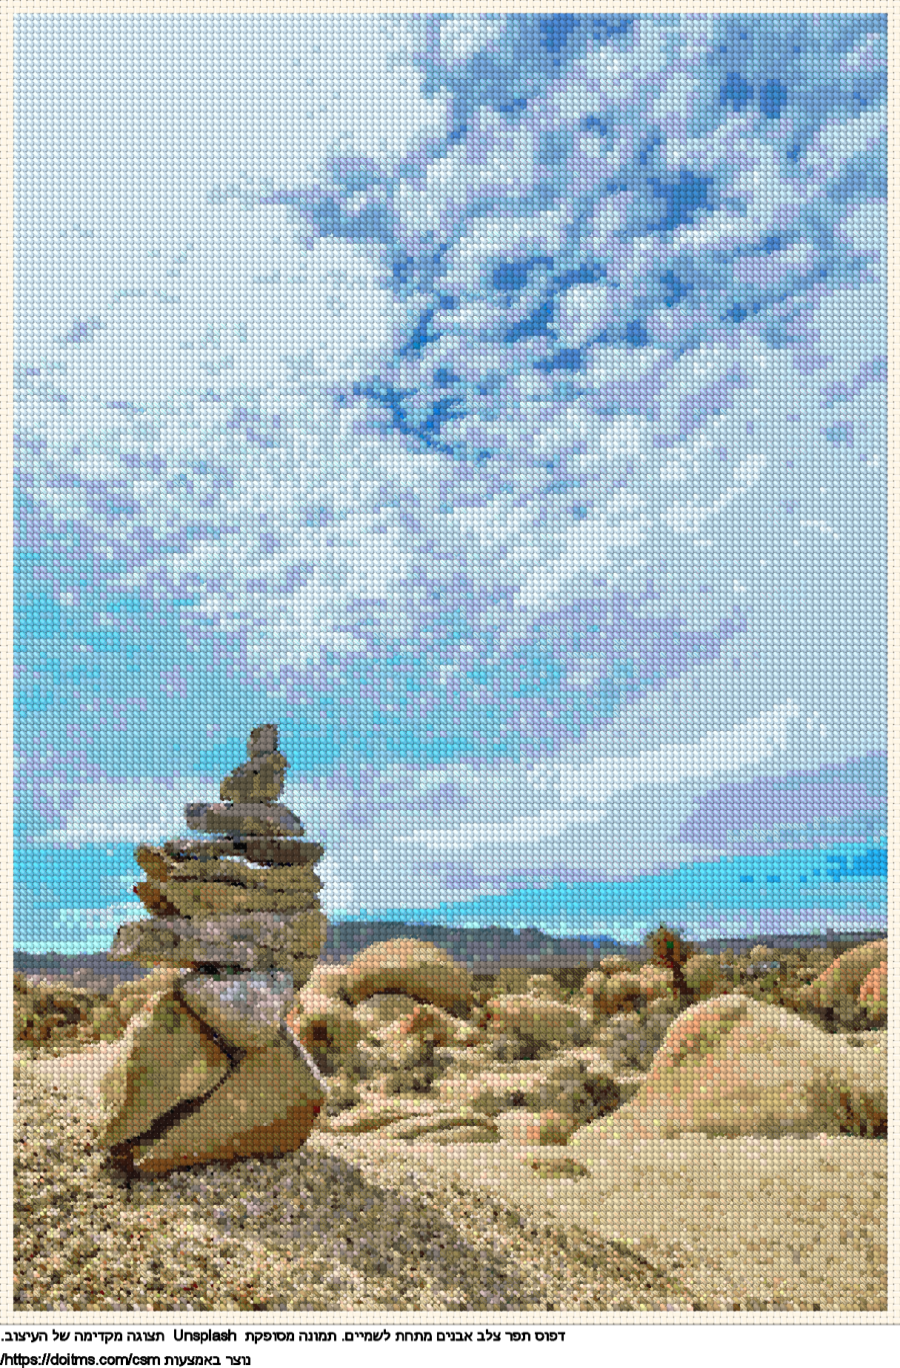 אבנים מתחת לשמיים